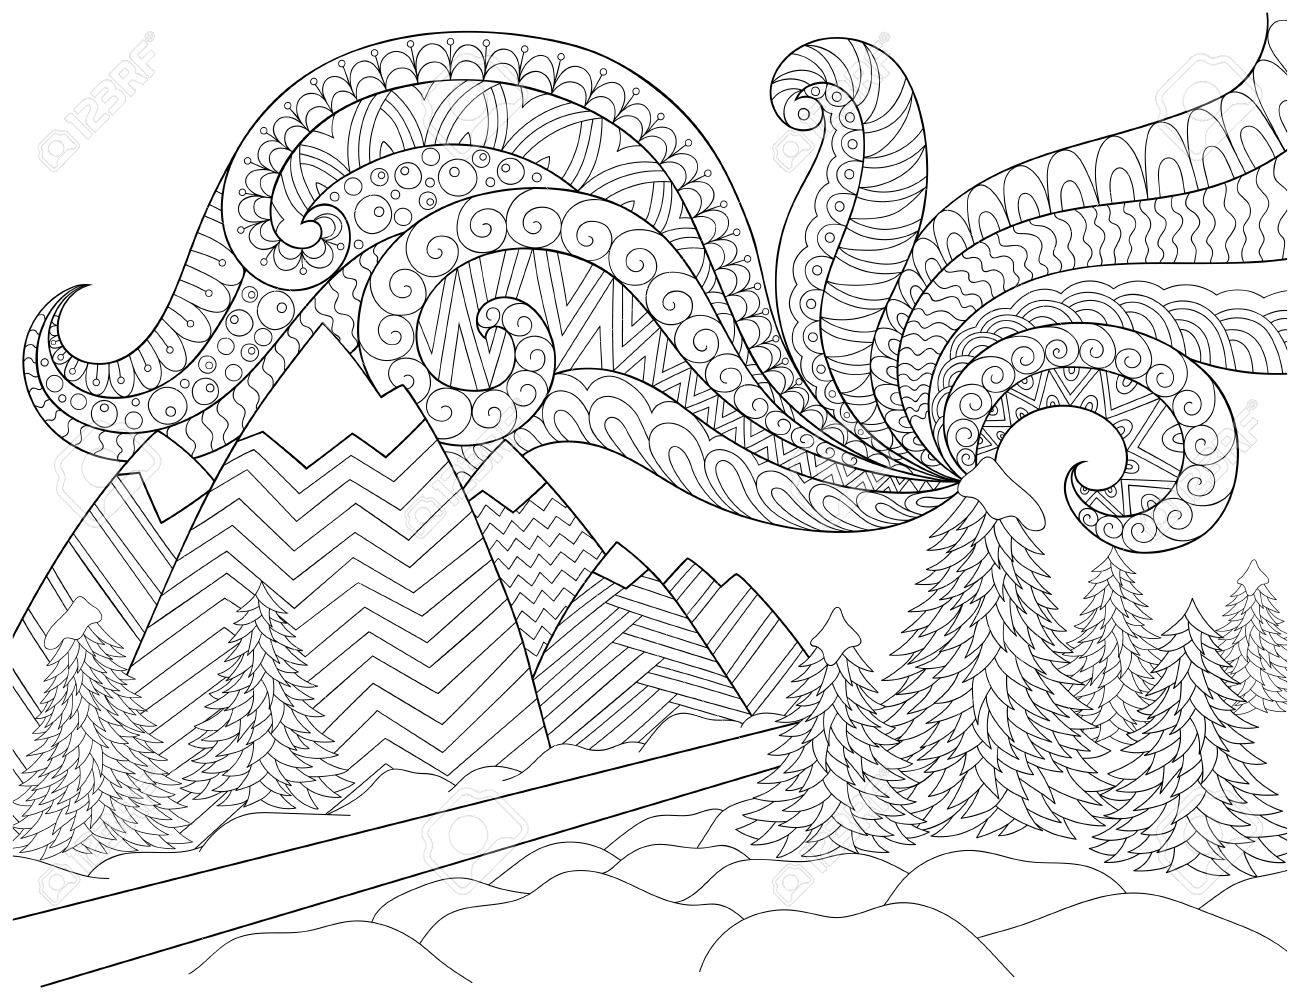 Coloriage Dun Arbre En Hiver.Motif Doodle En Noir Et Blanc Paysage D Hiver La Route Les